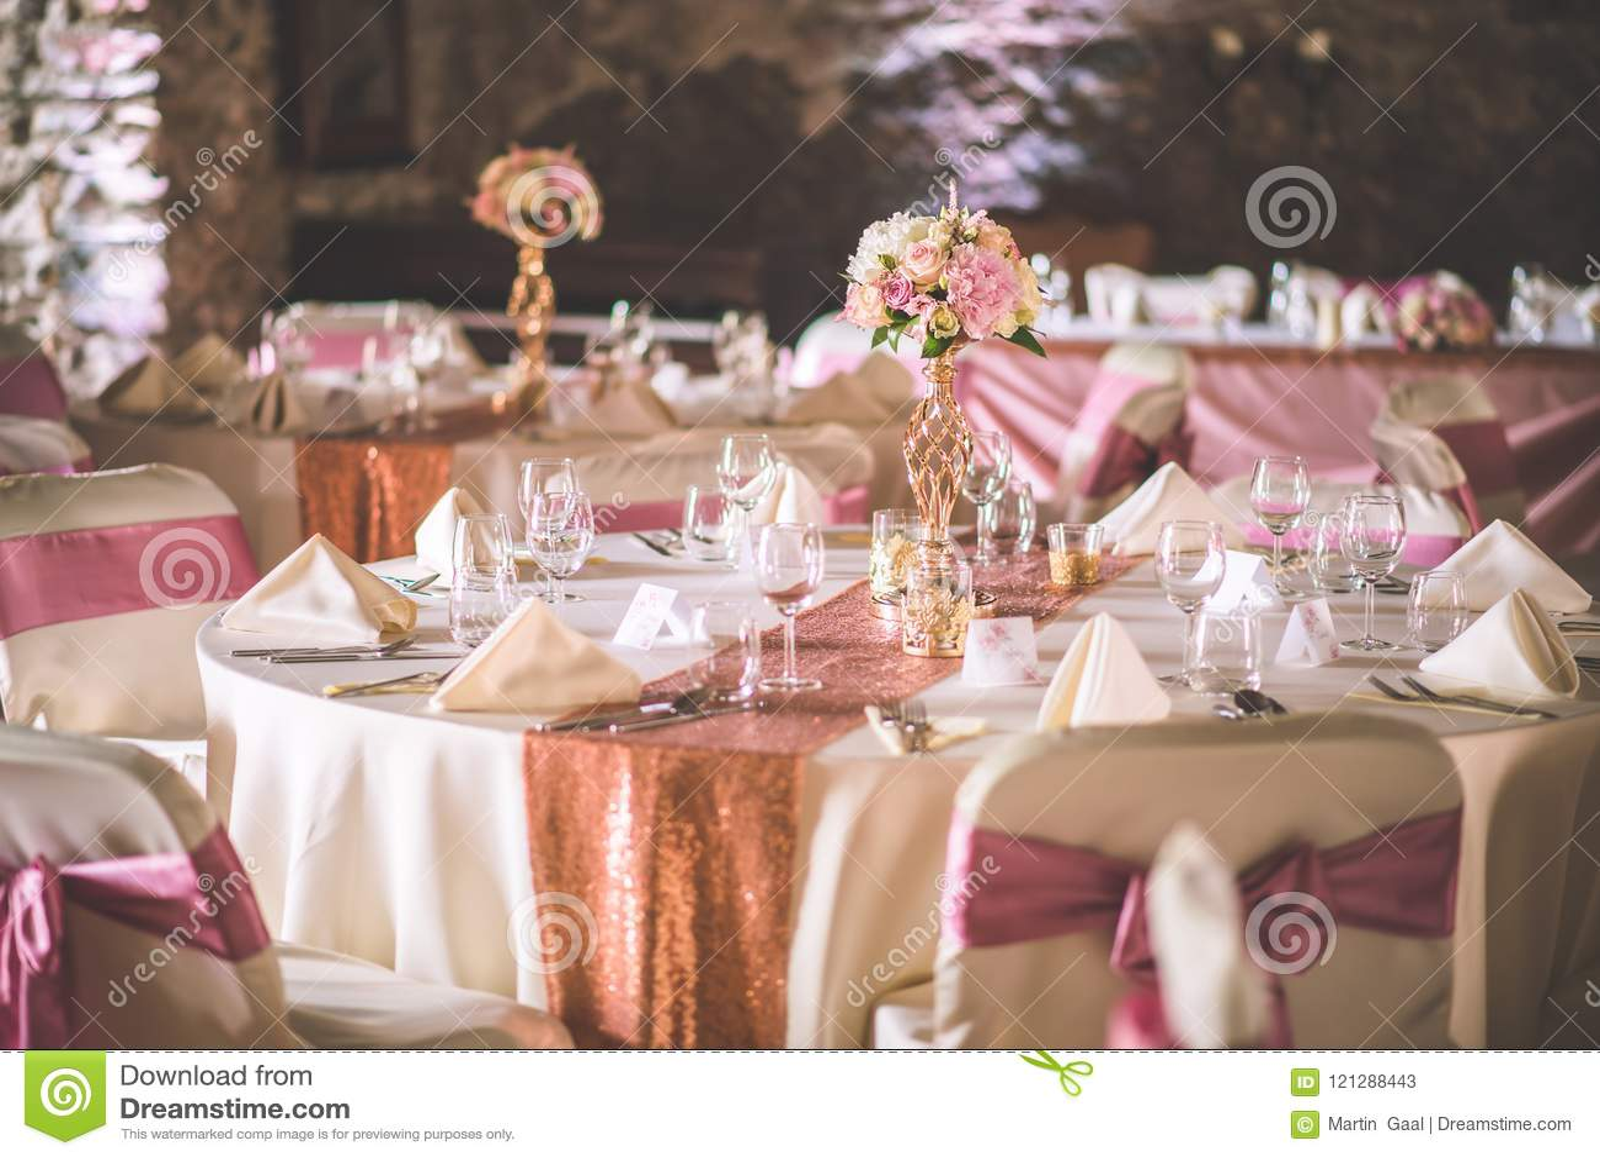 Huwelijkslijst met exclusieve bloemendieregeling op ontvangst, huwelijks of gebeurtenisbelangrijkst voorwerp in roze gouden kleur